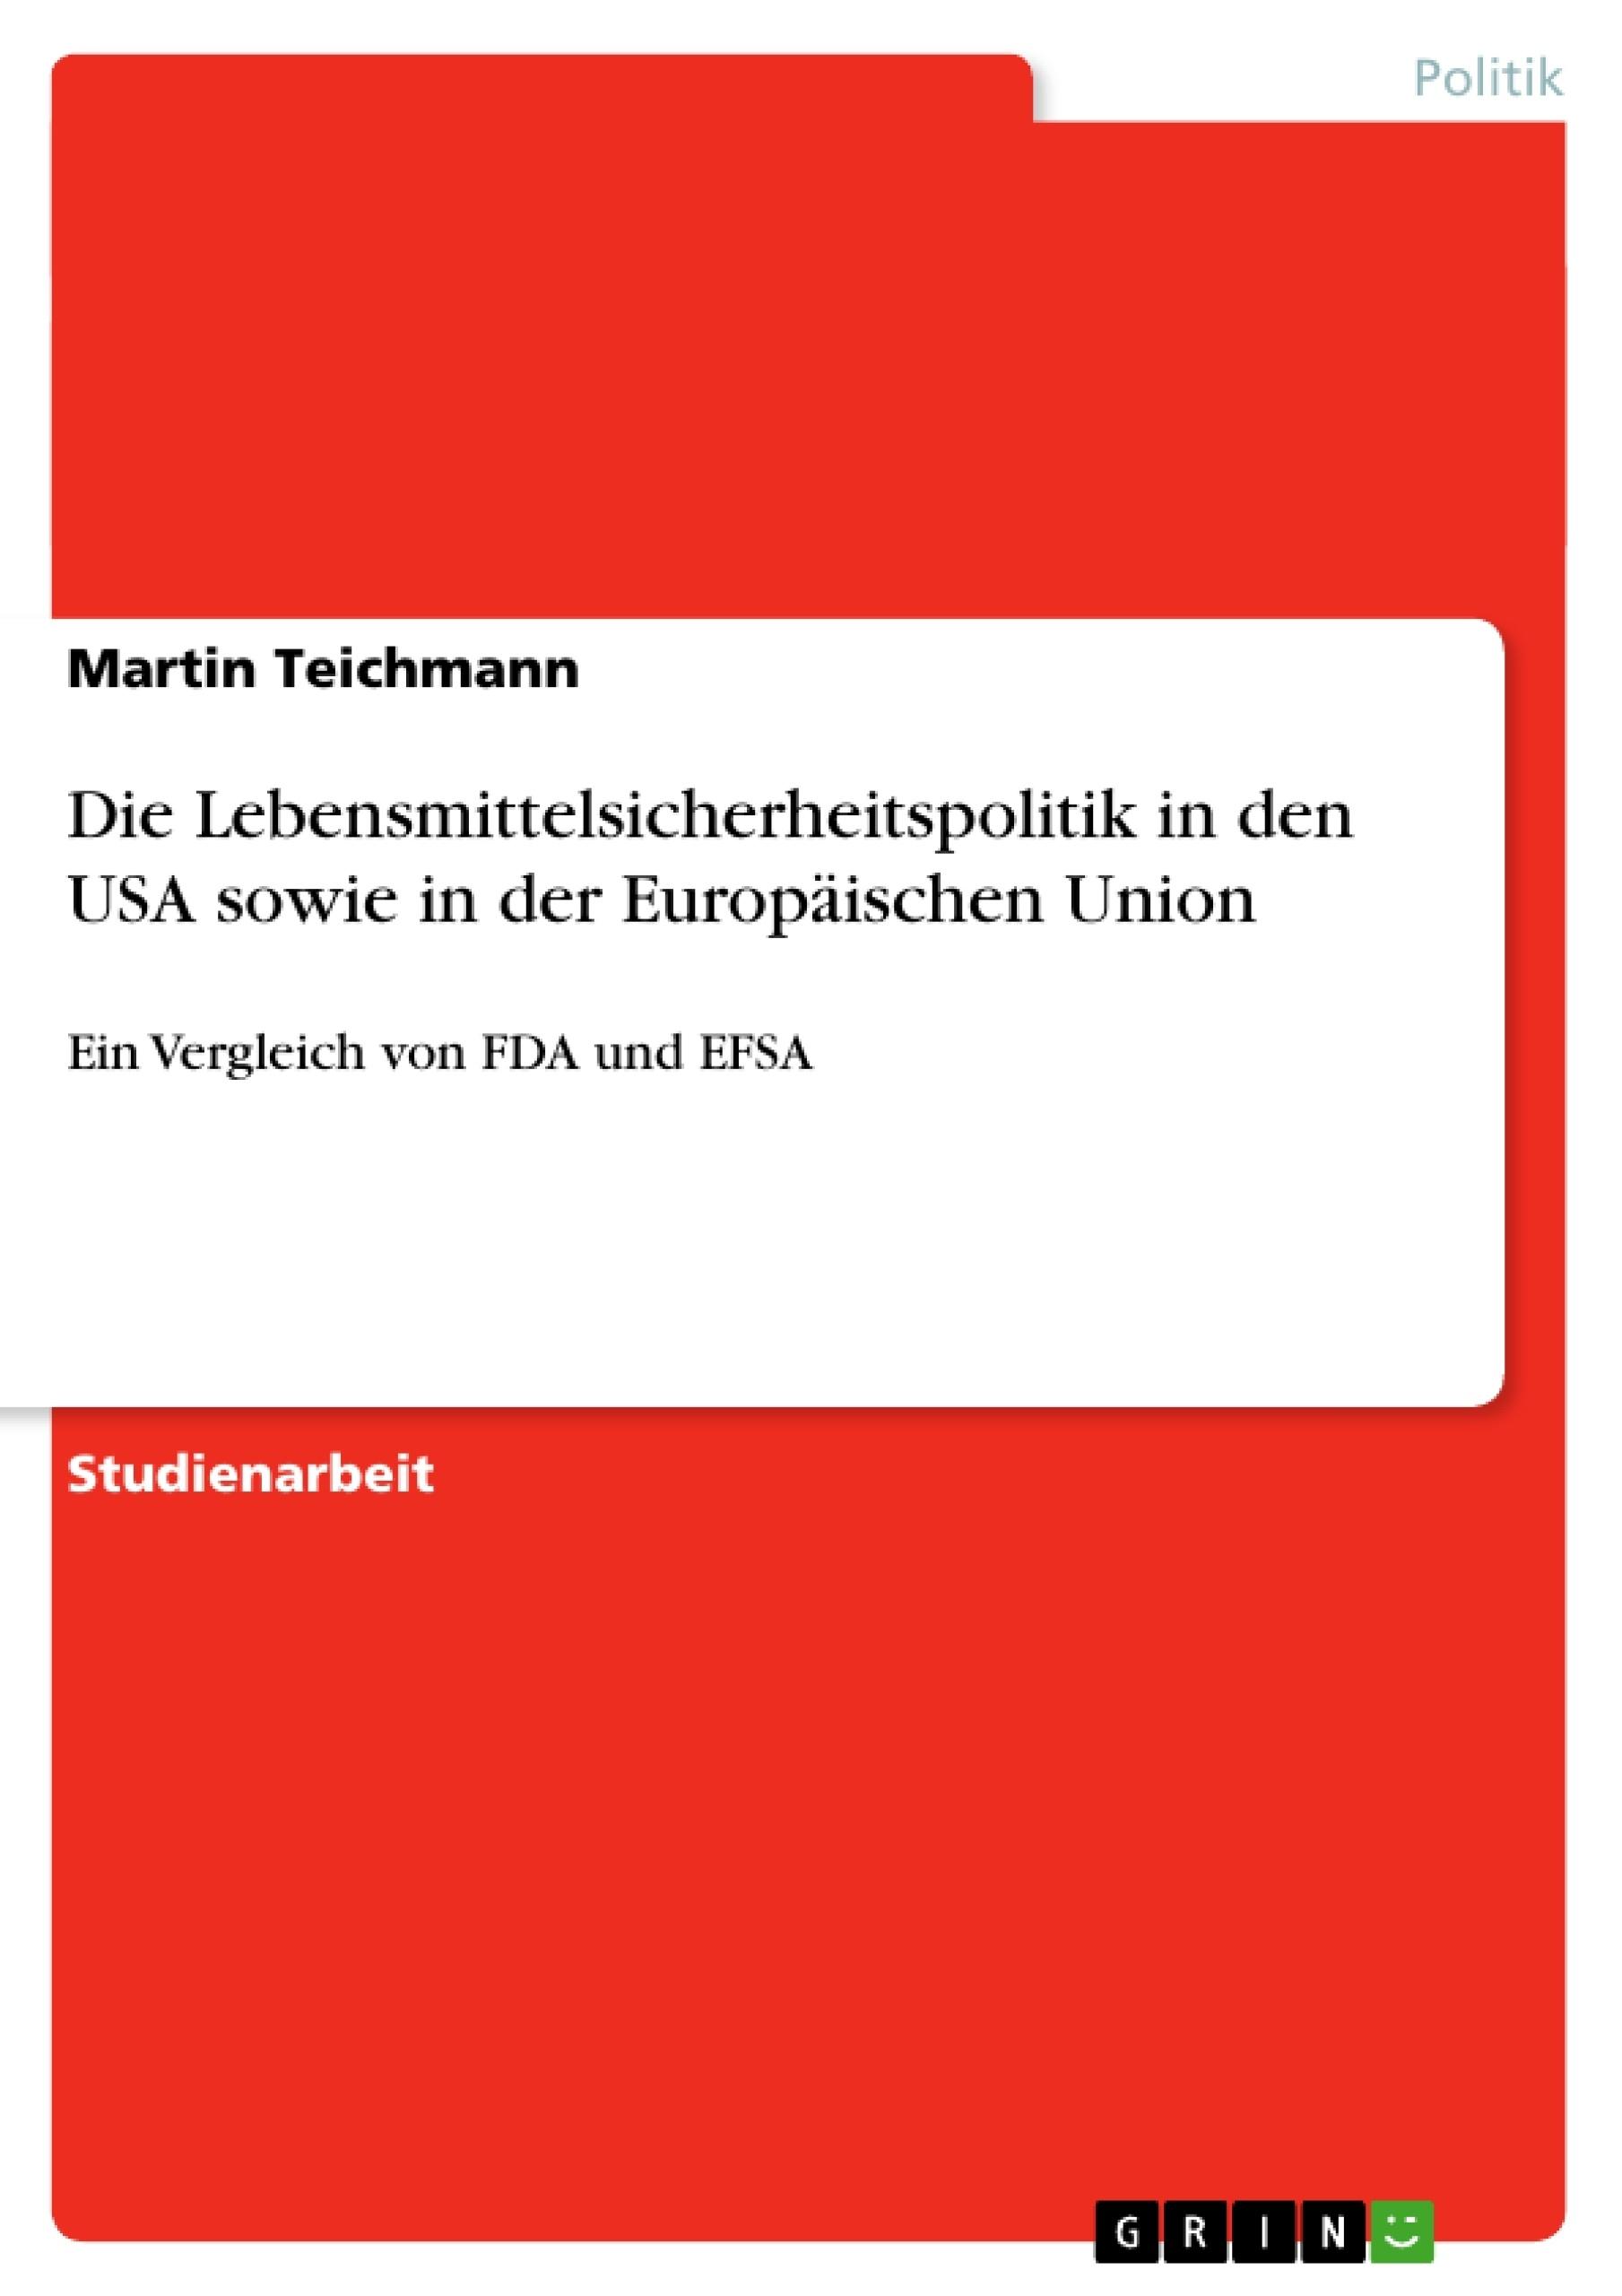 Titel: Die Lebensmittelsicherheitspolitik in den USA sowie in der Europäischen Union